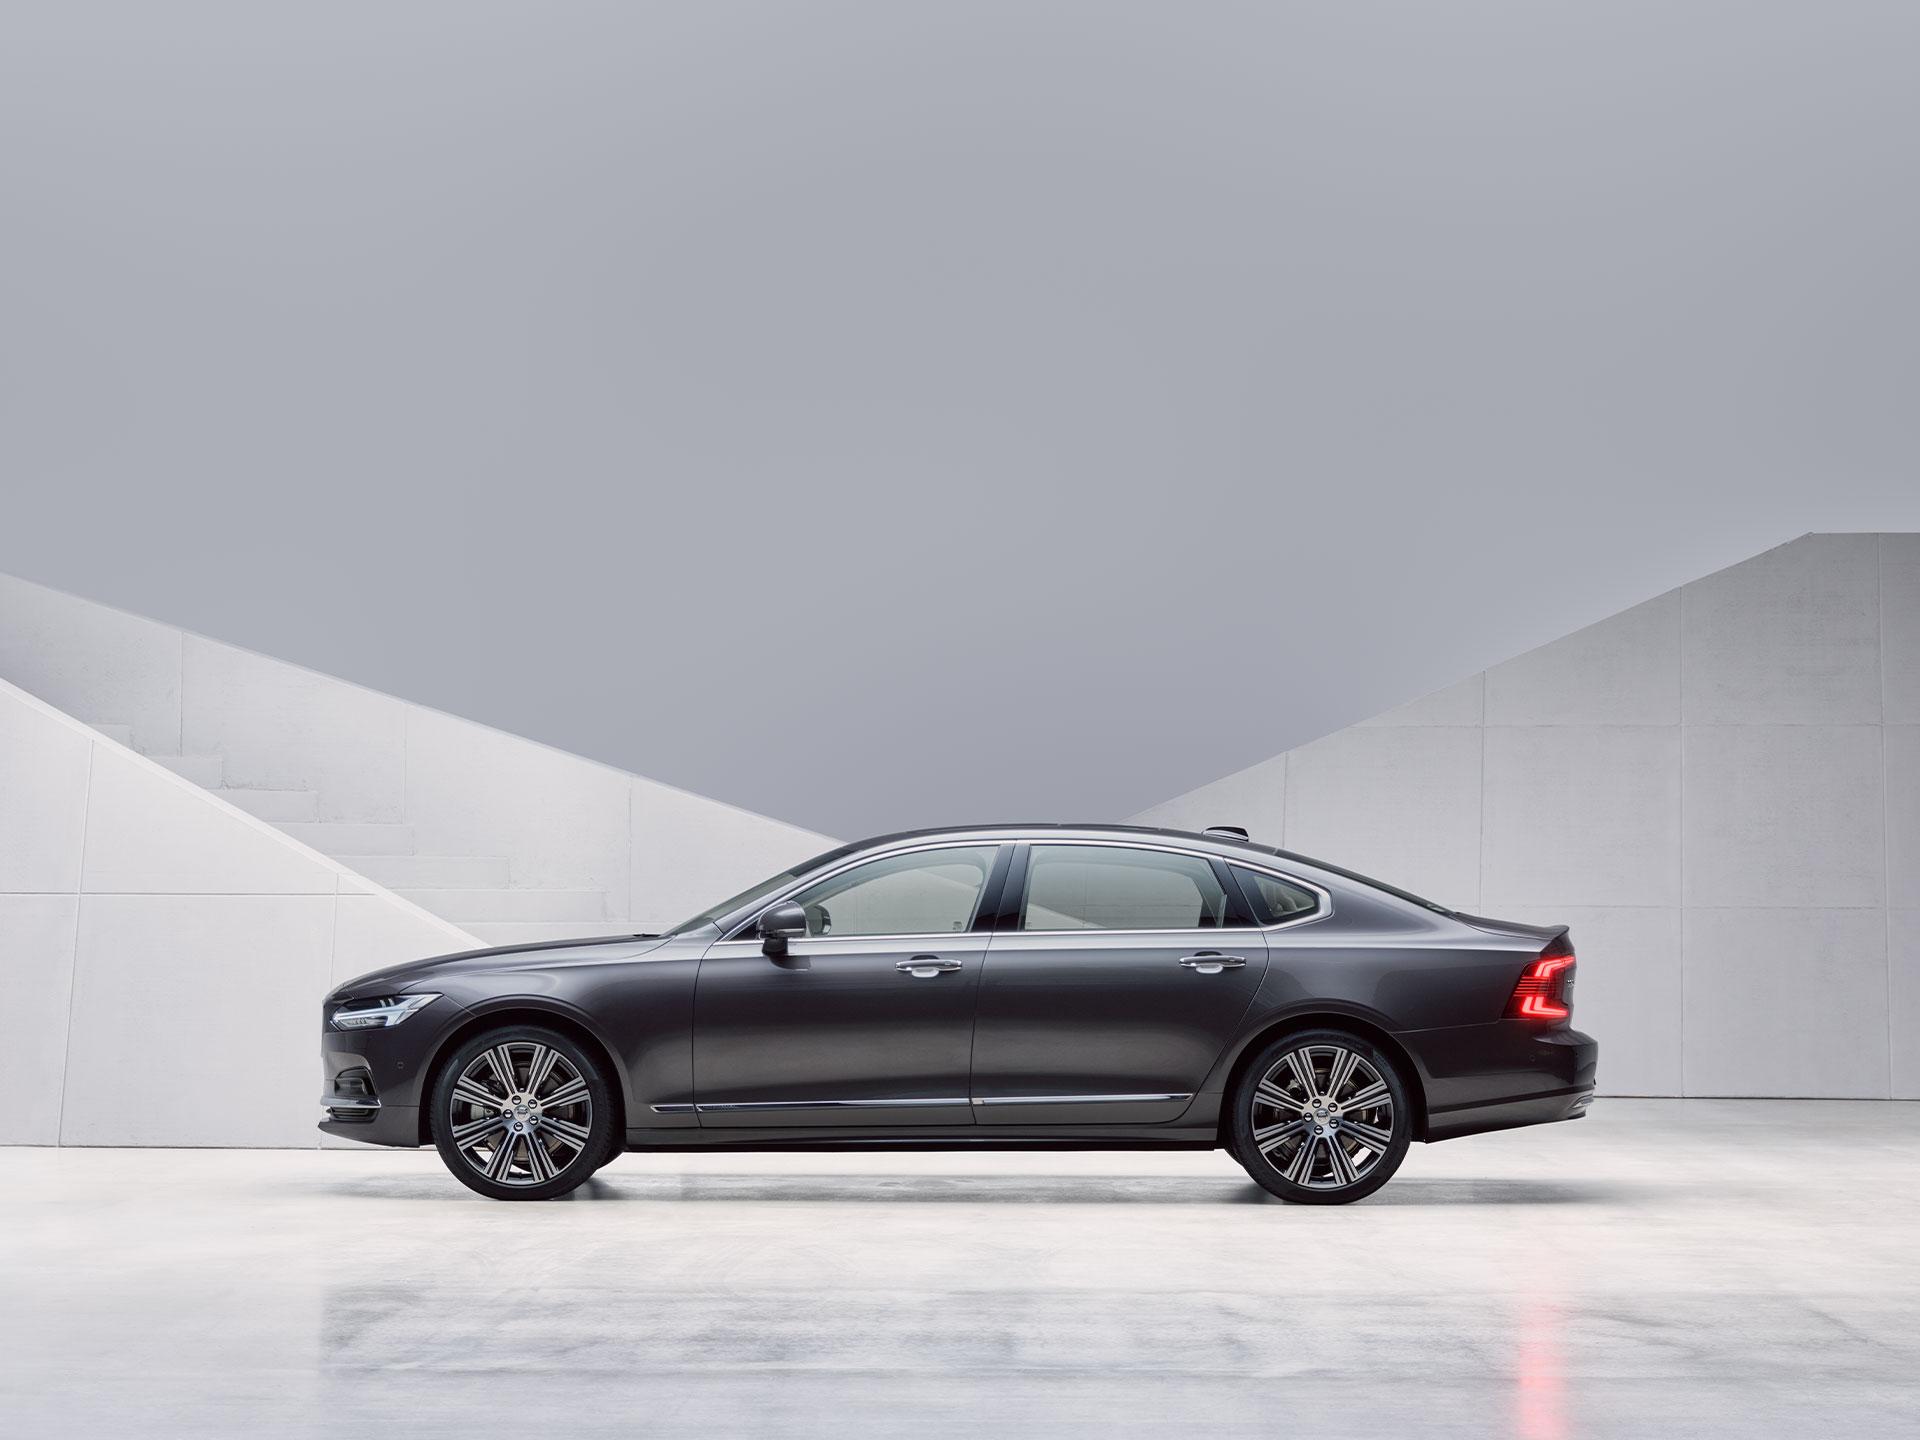 Ein dunkler Volvo S90 ist vor einer grauen Wand parkiert